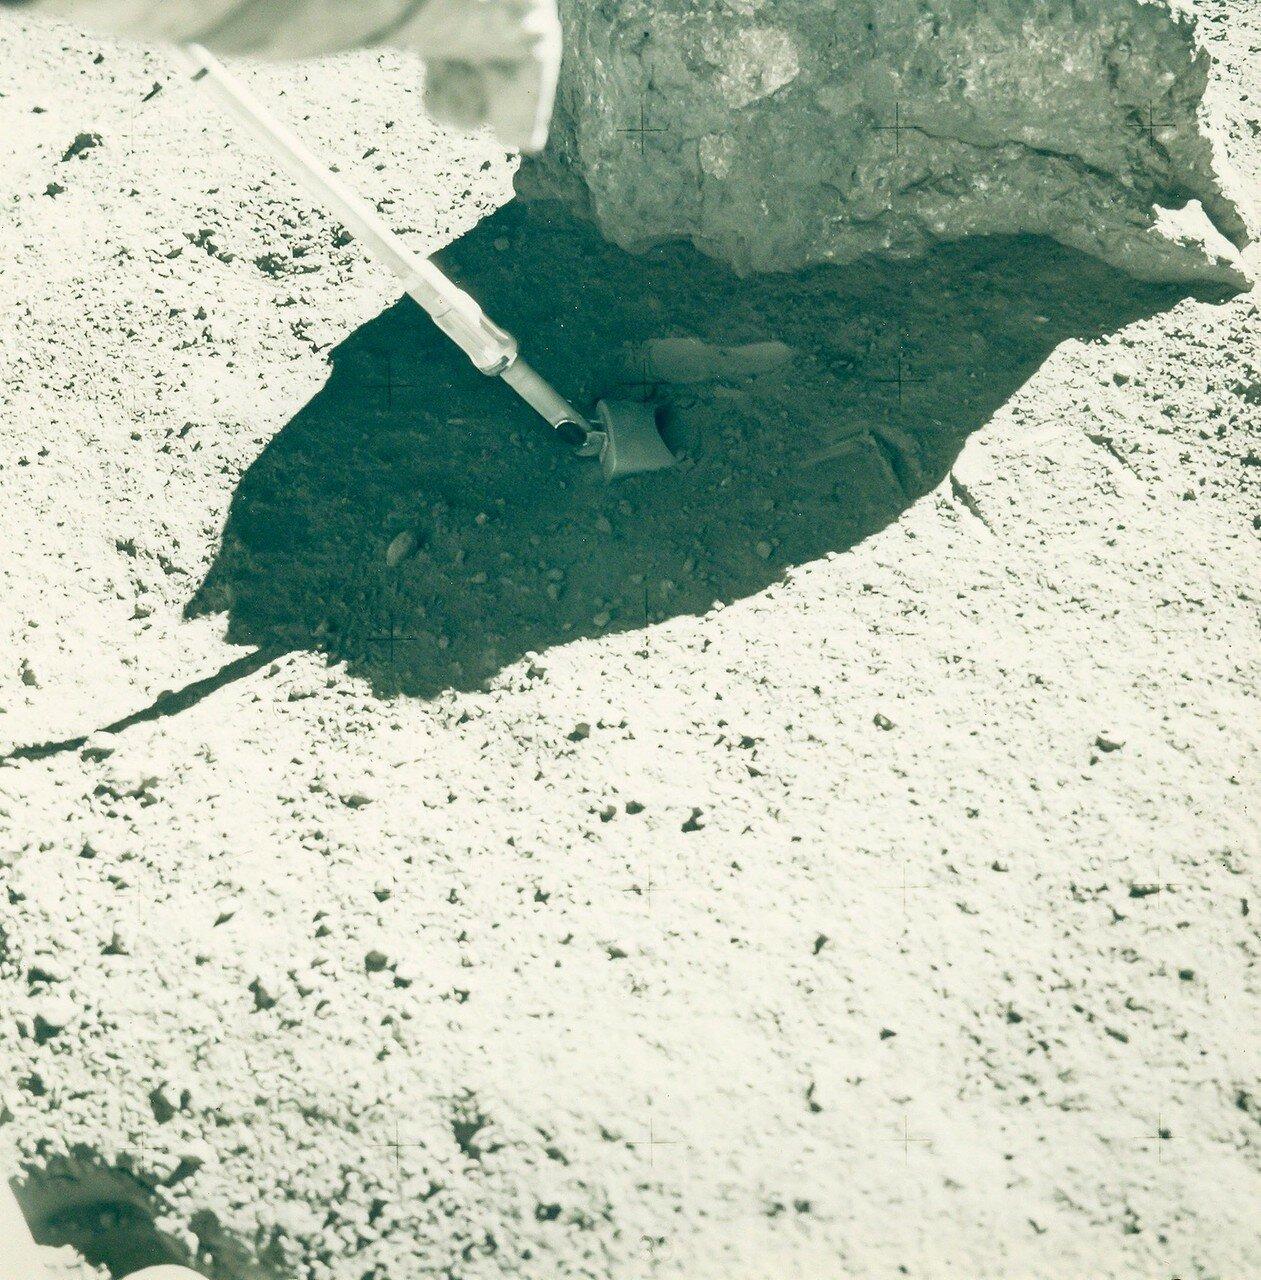 Нужно было найти место без россыпей валунов и камней, но желательно с одним отдельно лежащим валуном и поставить эксперимент «чистого реголита». На снимке: Выборки лунной породы на станции 9